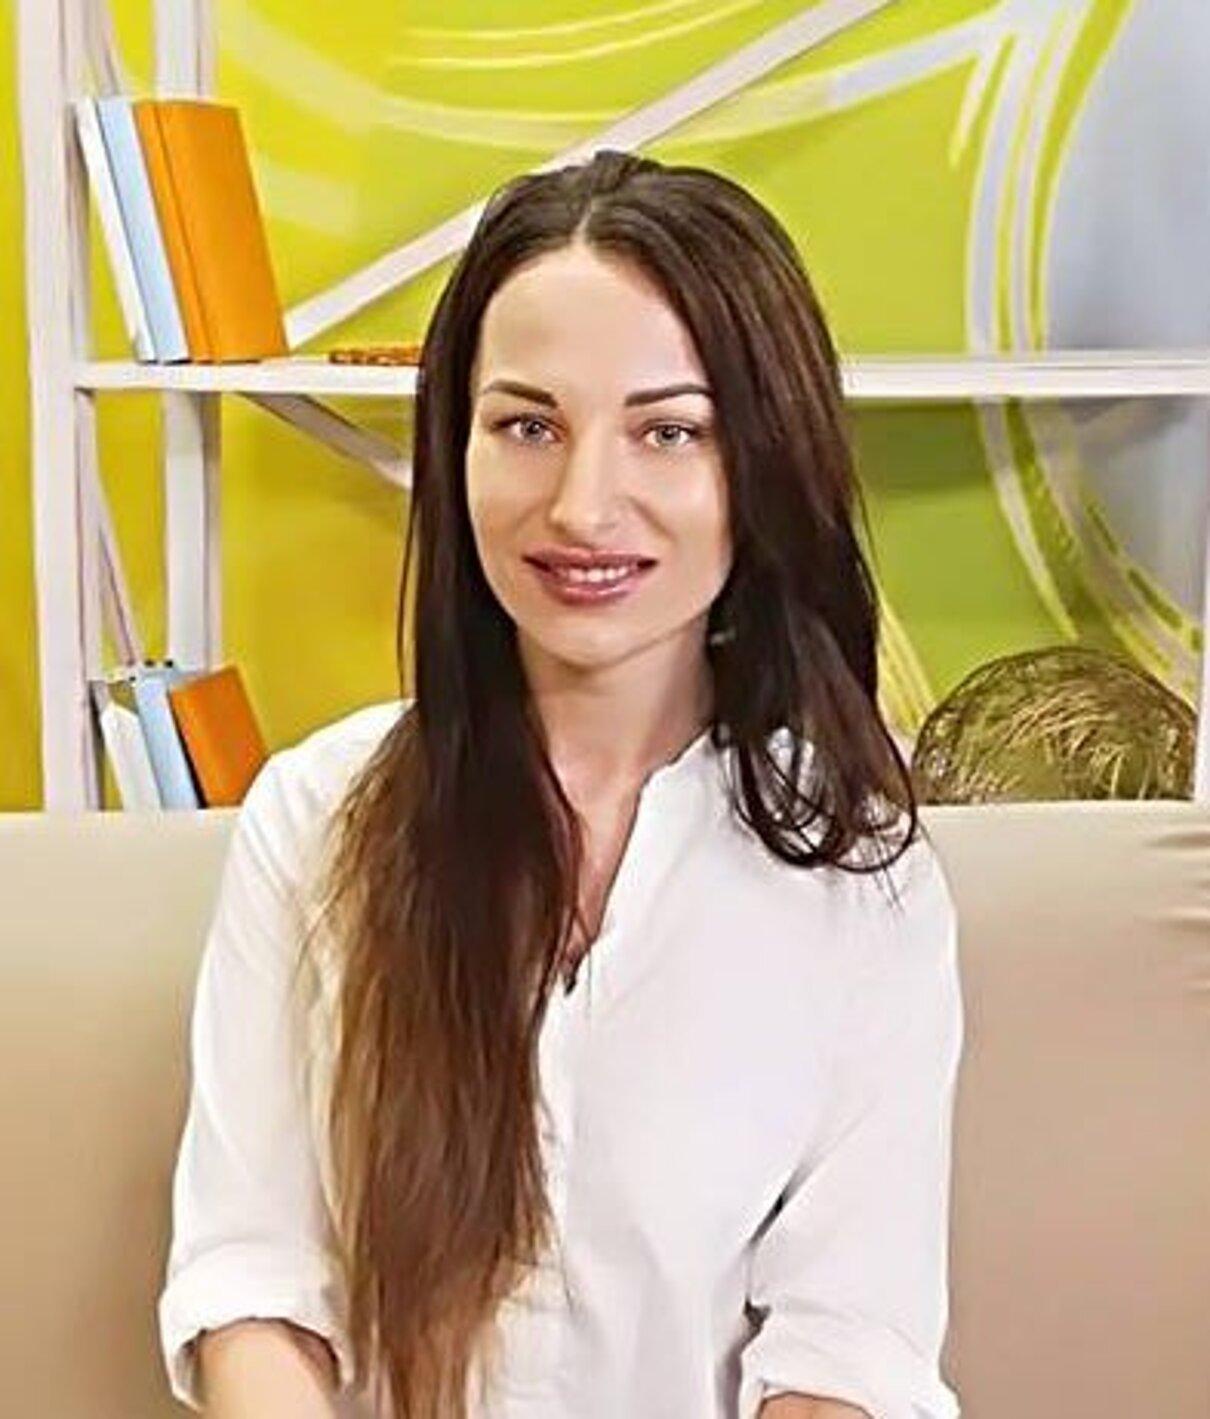 Жалоба-отзыв: Ольга Иович - САМОУЧКА БЕЗ ОБРАЗОВАНИЯ.  Фото №2